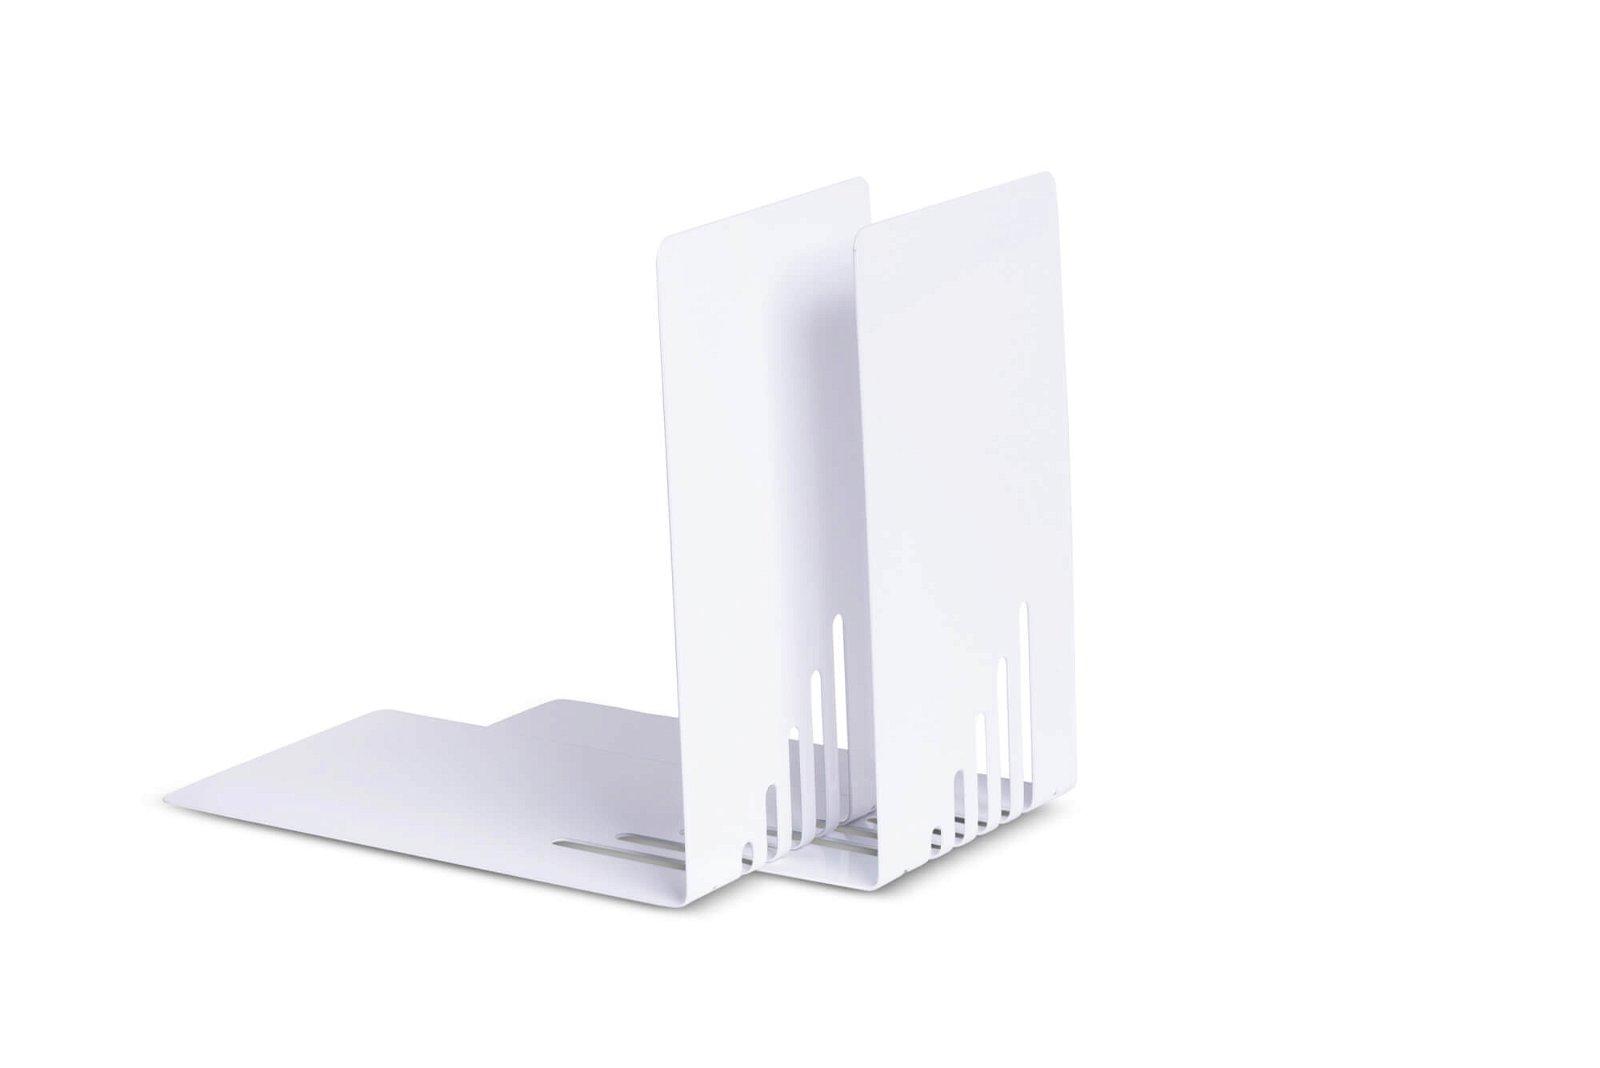 Buchstützen aus Metall, schmal, 14 x 8,5 x 14 cm, weiß